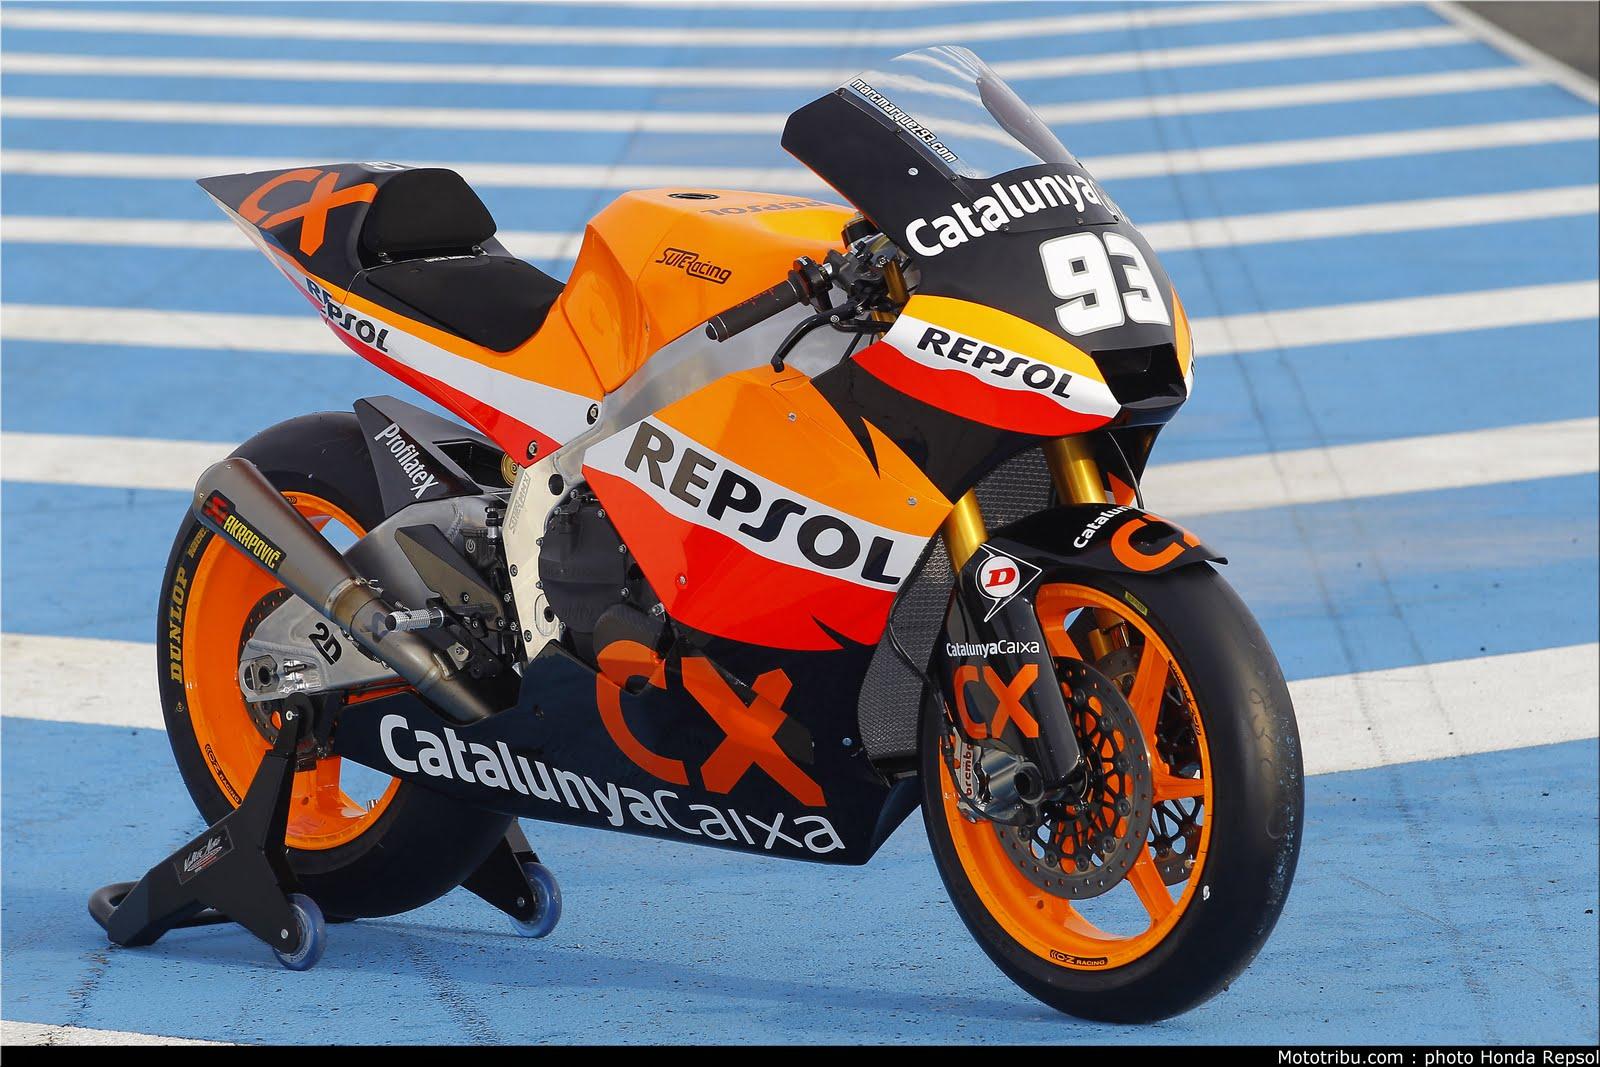 Machines de courses ( Race bikes ) - Page 7 Suter%2BMMX%2BMarquez%2B2011%2B01